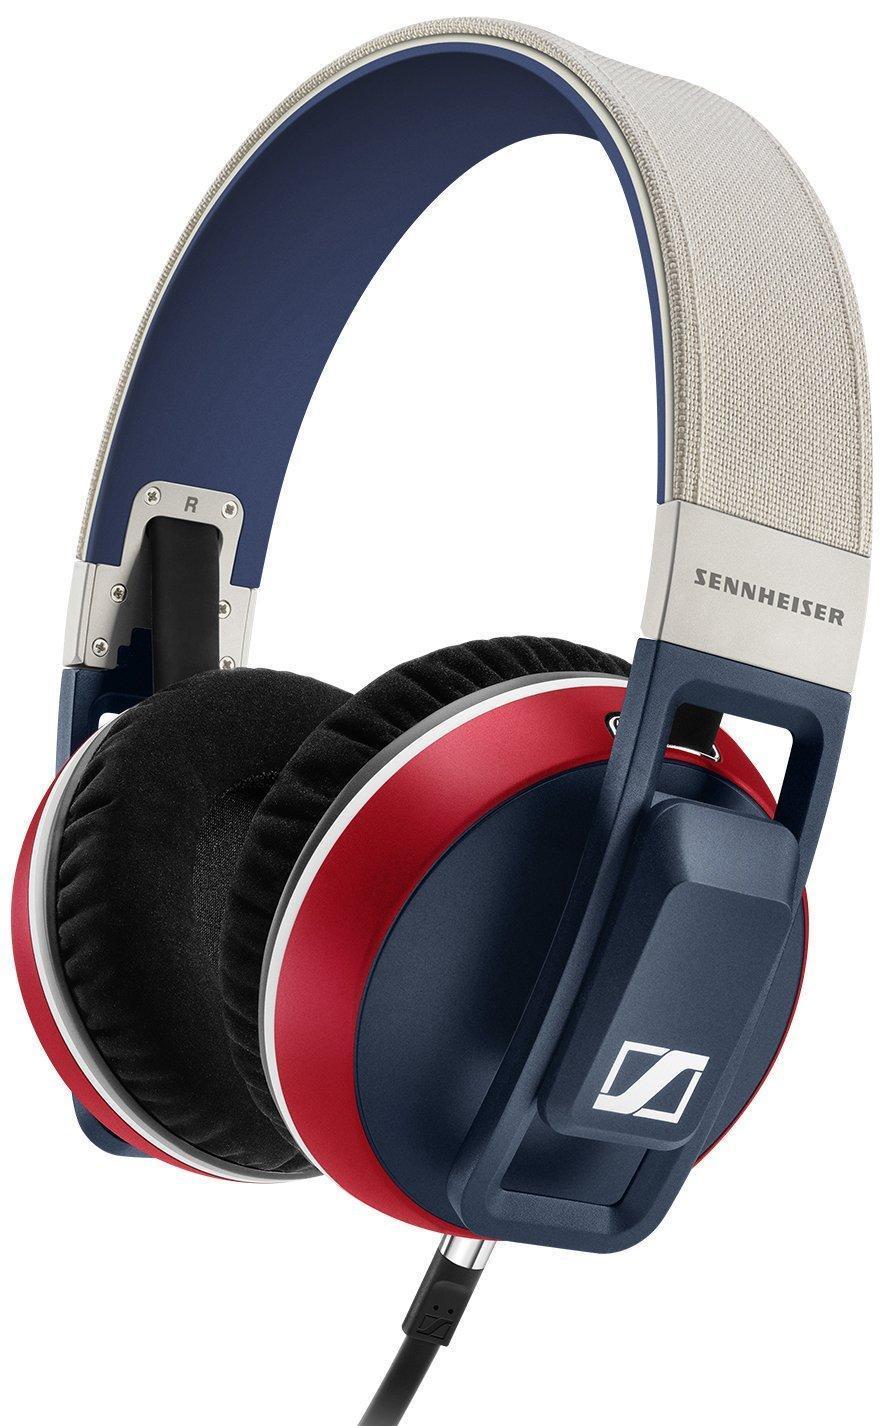 Sennheiser Urbanite XL, Nation наушники506449Серия URBANITE – это наушники для тех, кто любит плотное качественное звучание и для тех, кто любит стильно выглядеть. Наушники серии URBANITE идеально подходят людям, постоянно находящимся в движении: с помощью интегрированного в кабель пульта дистанционного управления с микрофоном можно принимать телефонные звонки и управлять музыкой на смартфонах и планшетах. Охватывающие наушники URBANITE XL способны выдать мощный клубный звук, насыщенный низкими частотами, в то же время, обеспечивая превосходную четкость во всем остальном диапазоне частот. Благодаря уникальной складной конструкции наушники URBANITE XL можно легко сложить и убрать в чехол, входящий в комплект поставки, для хранения или транспортировки. В наушниках серии URBANITE использовано достаточно элементов, придающих конструкции необходимую жесткость, наушники изготовлены из прочных и высококачественных материалов. Шарниры из нержавеющей стали придают дизайну строгость, а тканевая...